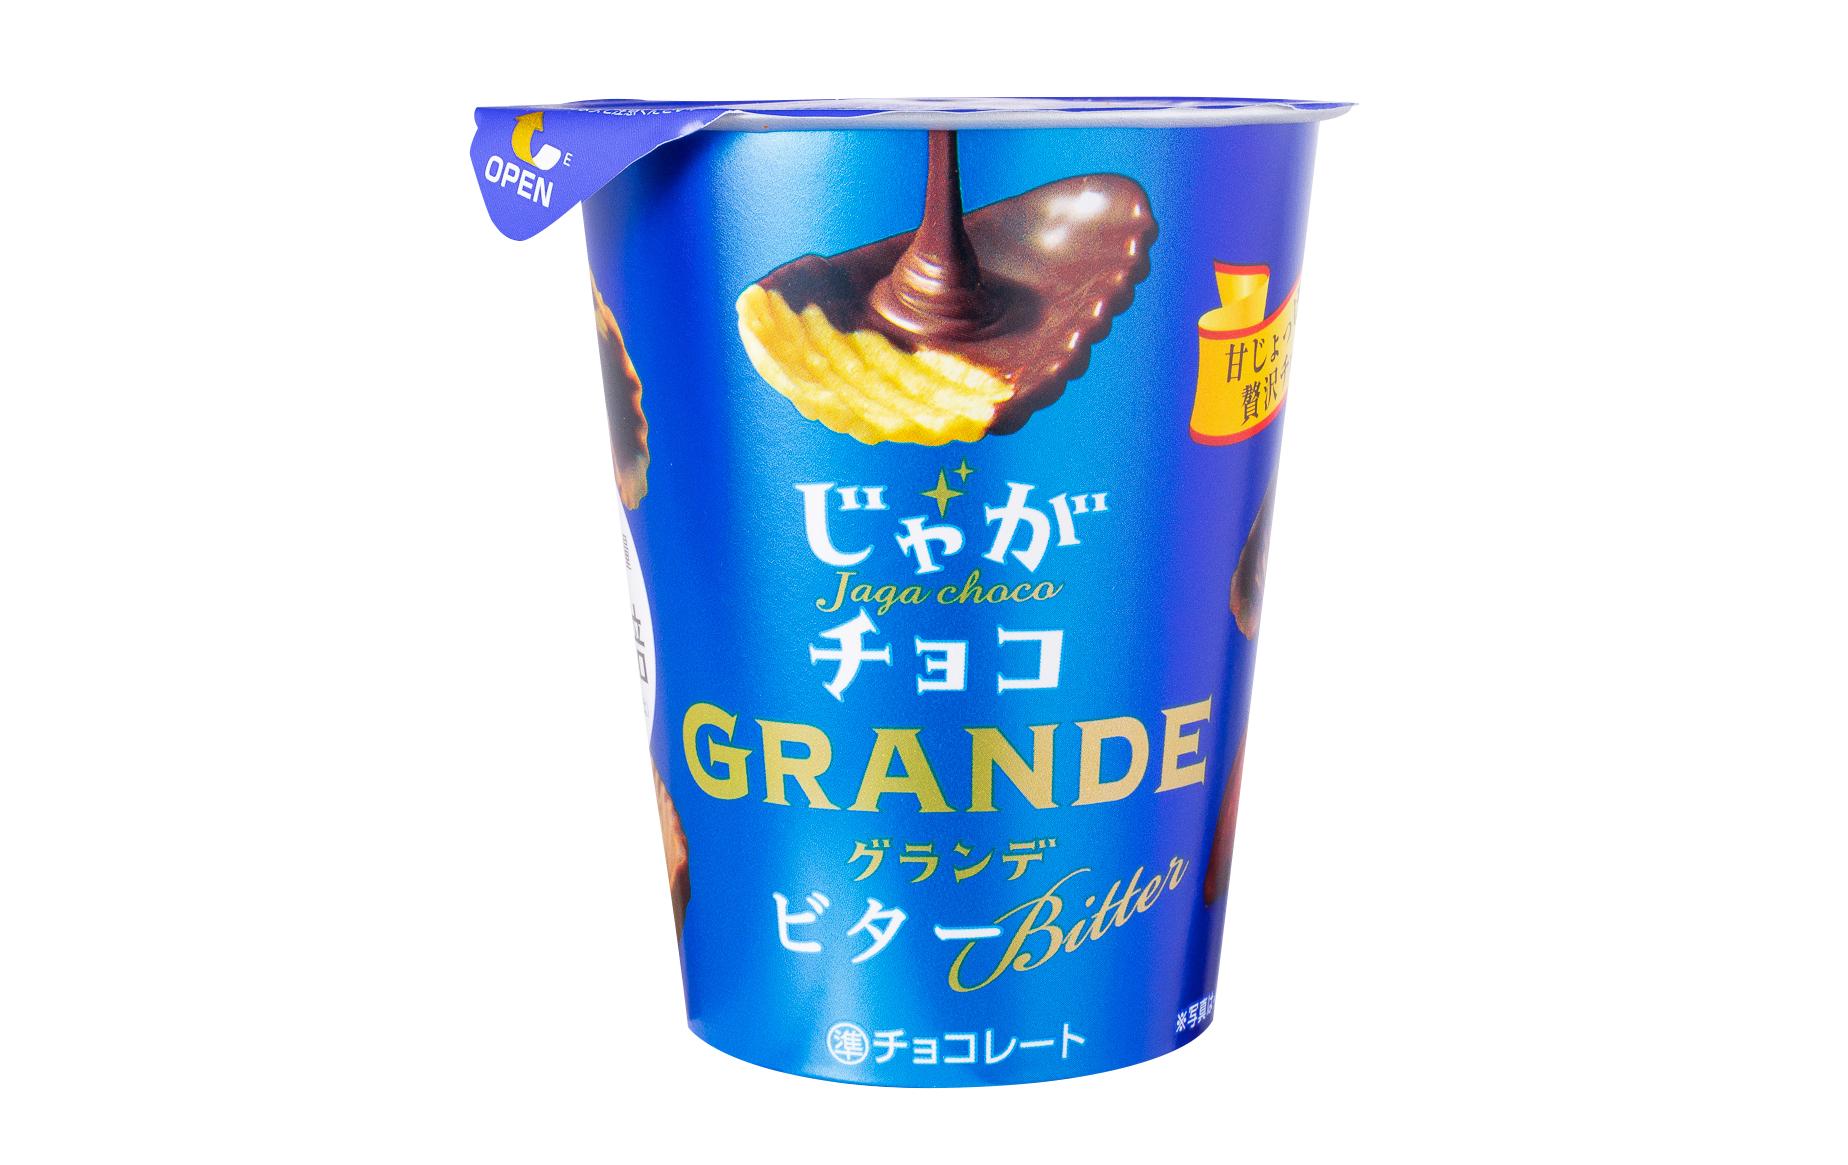 ブルボン『じゃがチョコグランデビター』